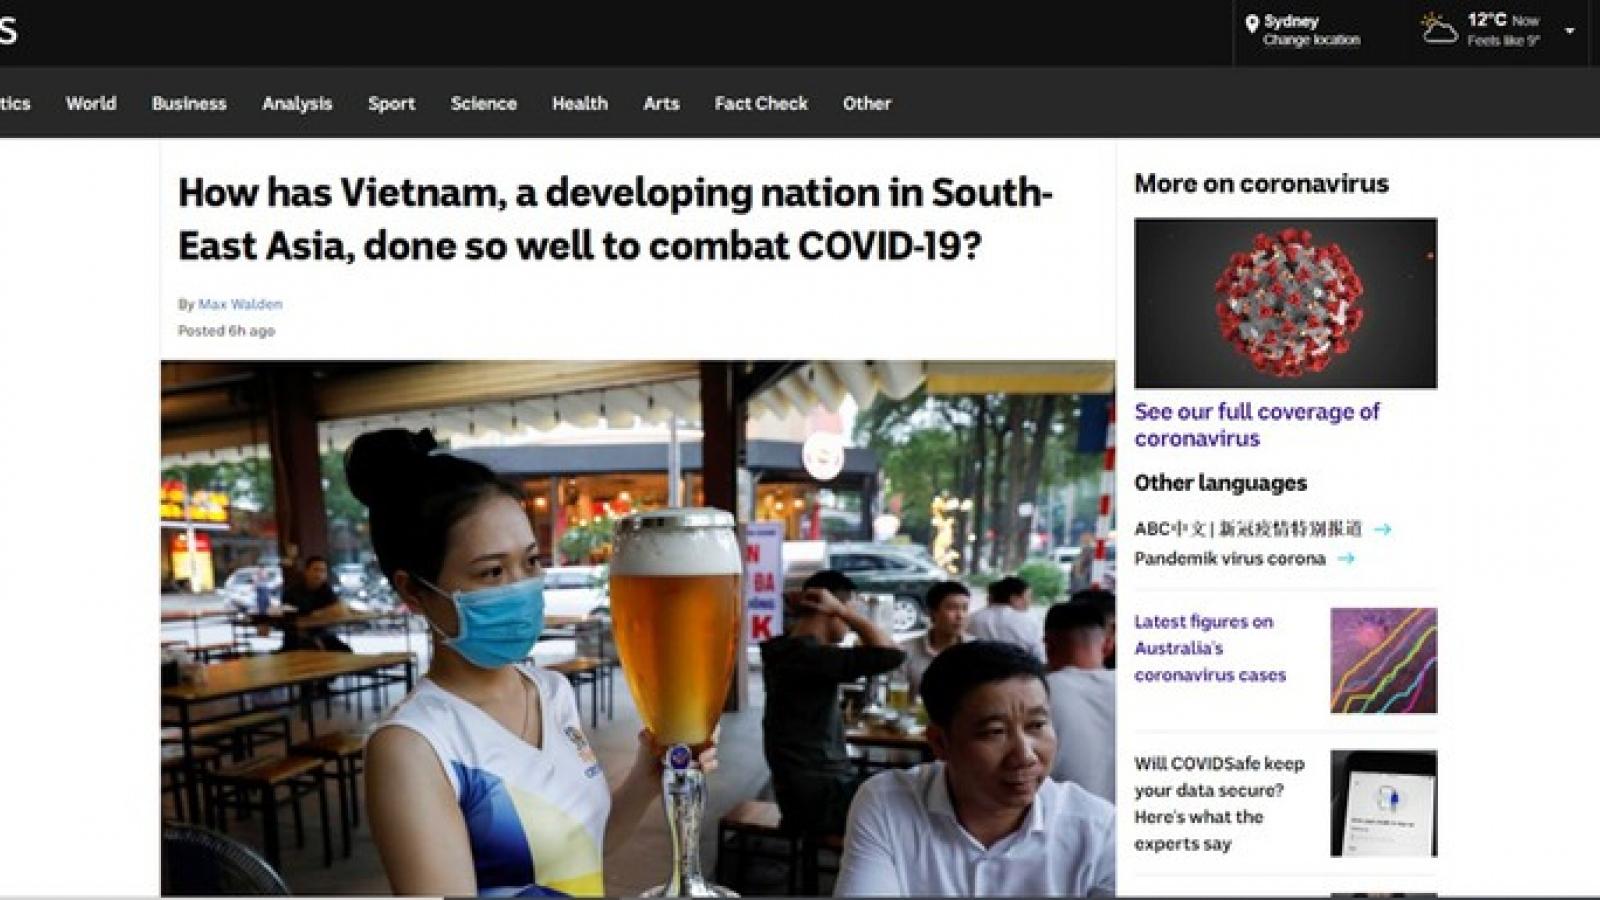 Báo Australia lý giải nguyên nhân Việt Nam chống Covid-19 hiệu quả